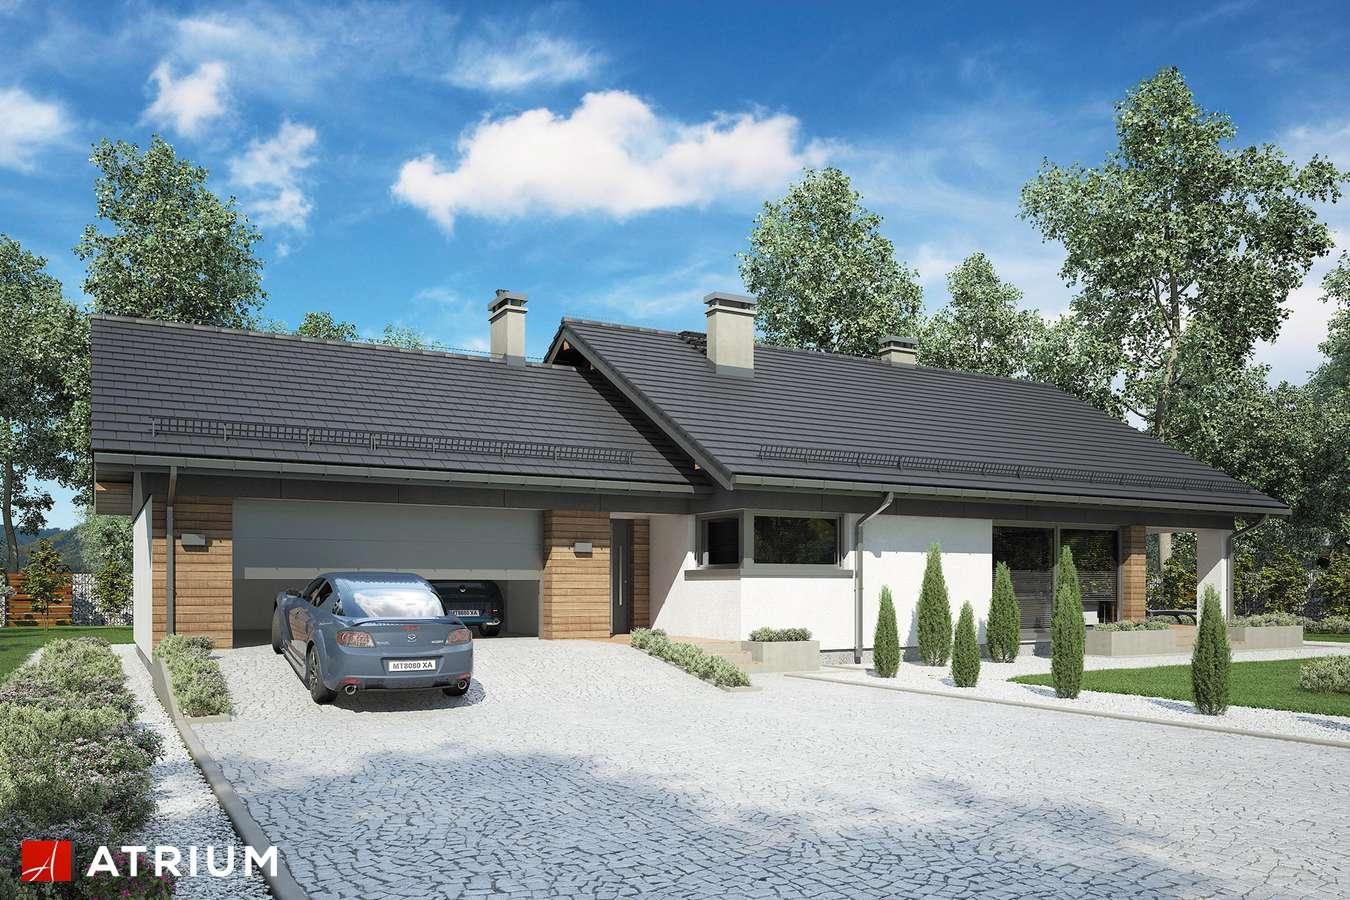 Projekty domów - Projekt domu z poddaszem KOS VIII - wizualizacja 2 - wersja lustrzana